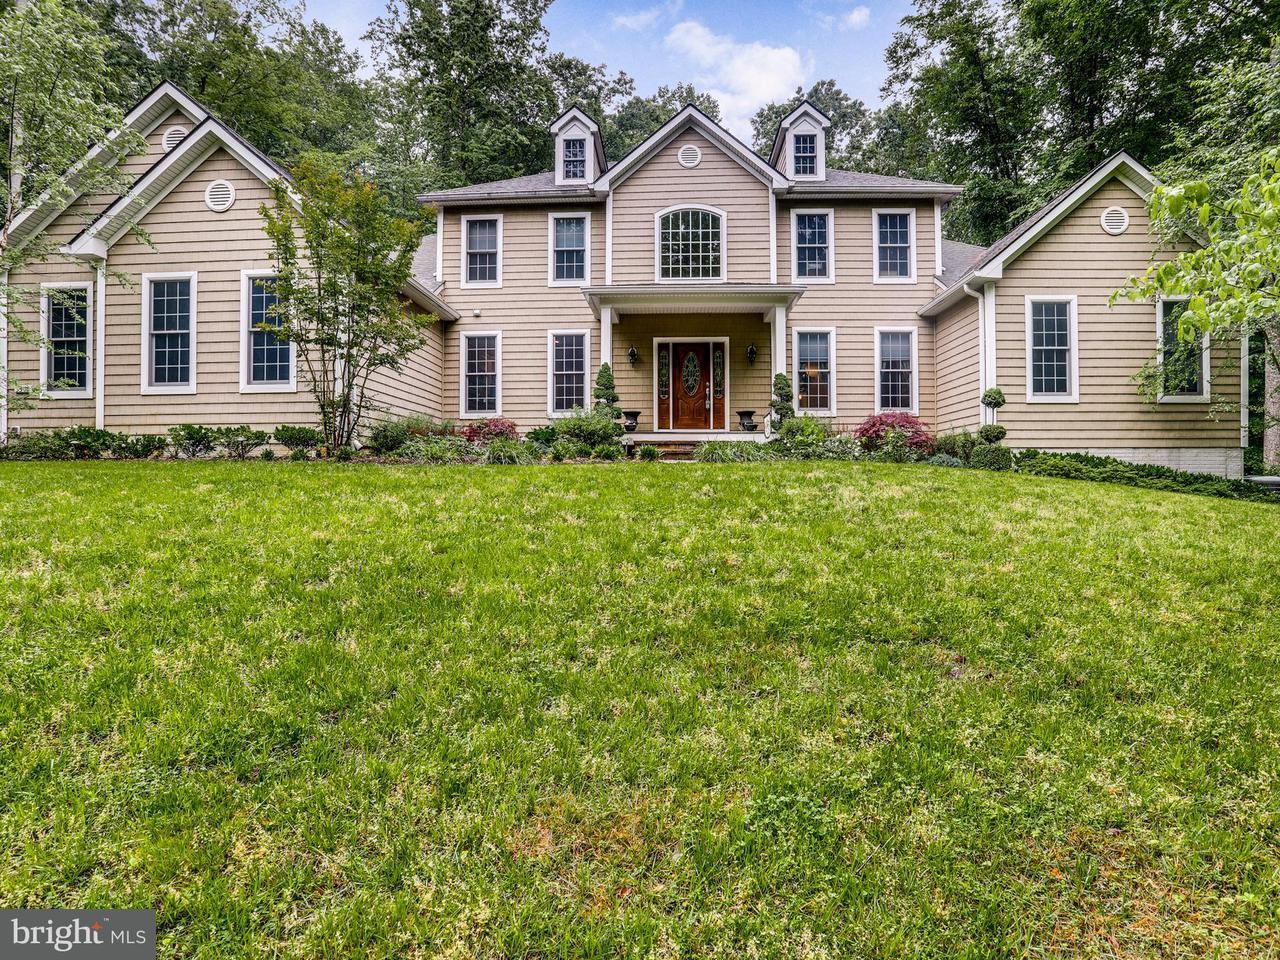 Maison unifamiliale pour l Vente à 3301 CHURCHILL FARM Road 3301 CHURCHILL FARM Road Davidsonville, Maryland 21035 États-Unis